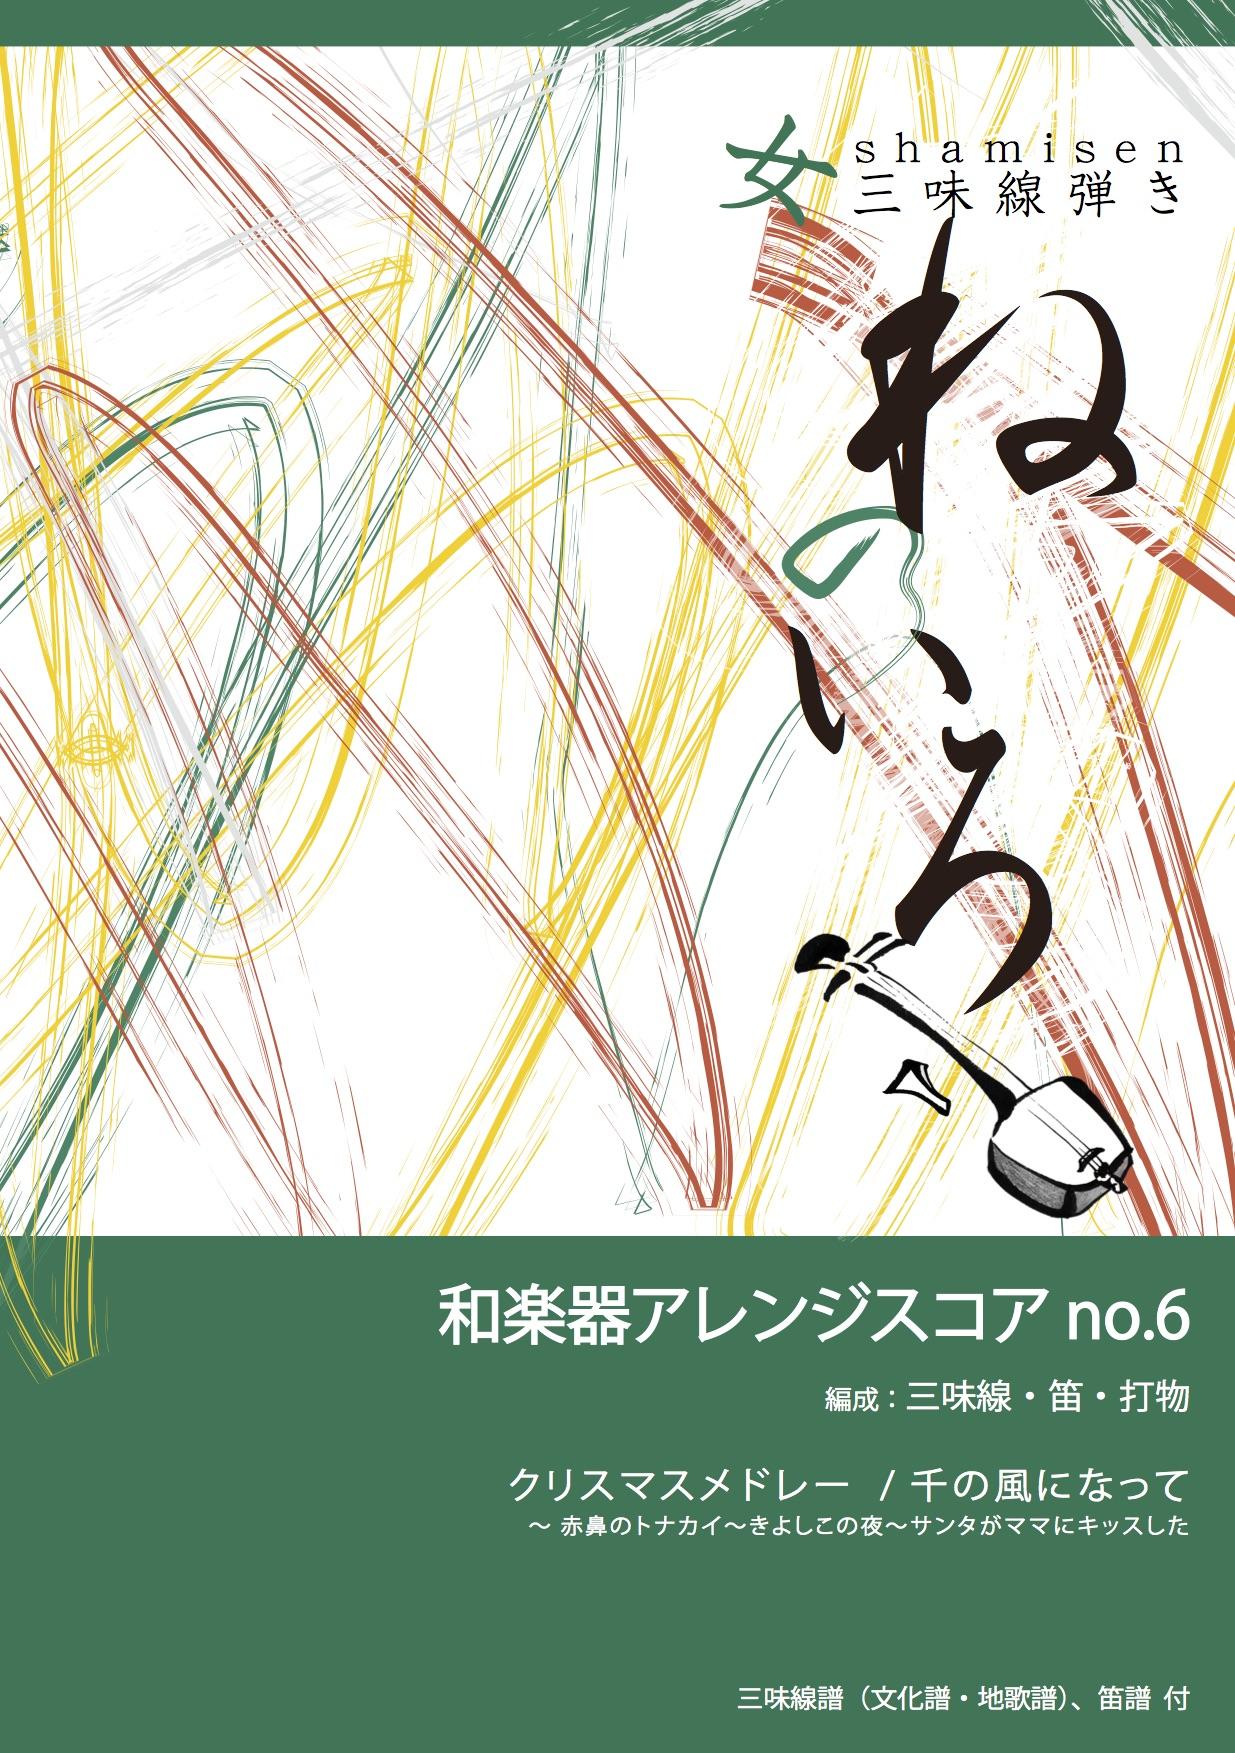 和楽器アレンジスコア no.6 クリスマスメドレー/千の風になって[5686-6]